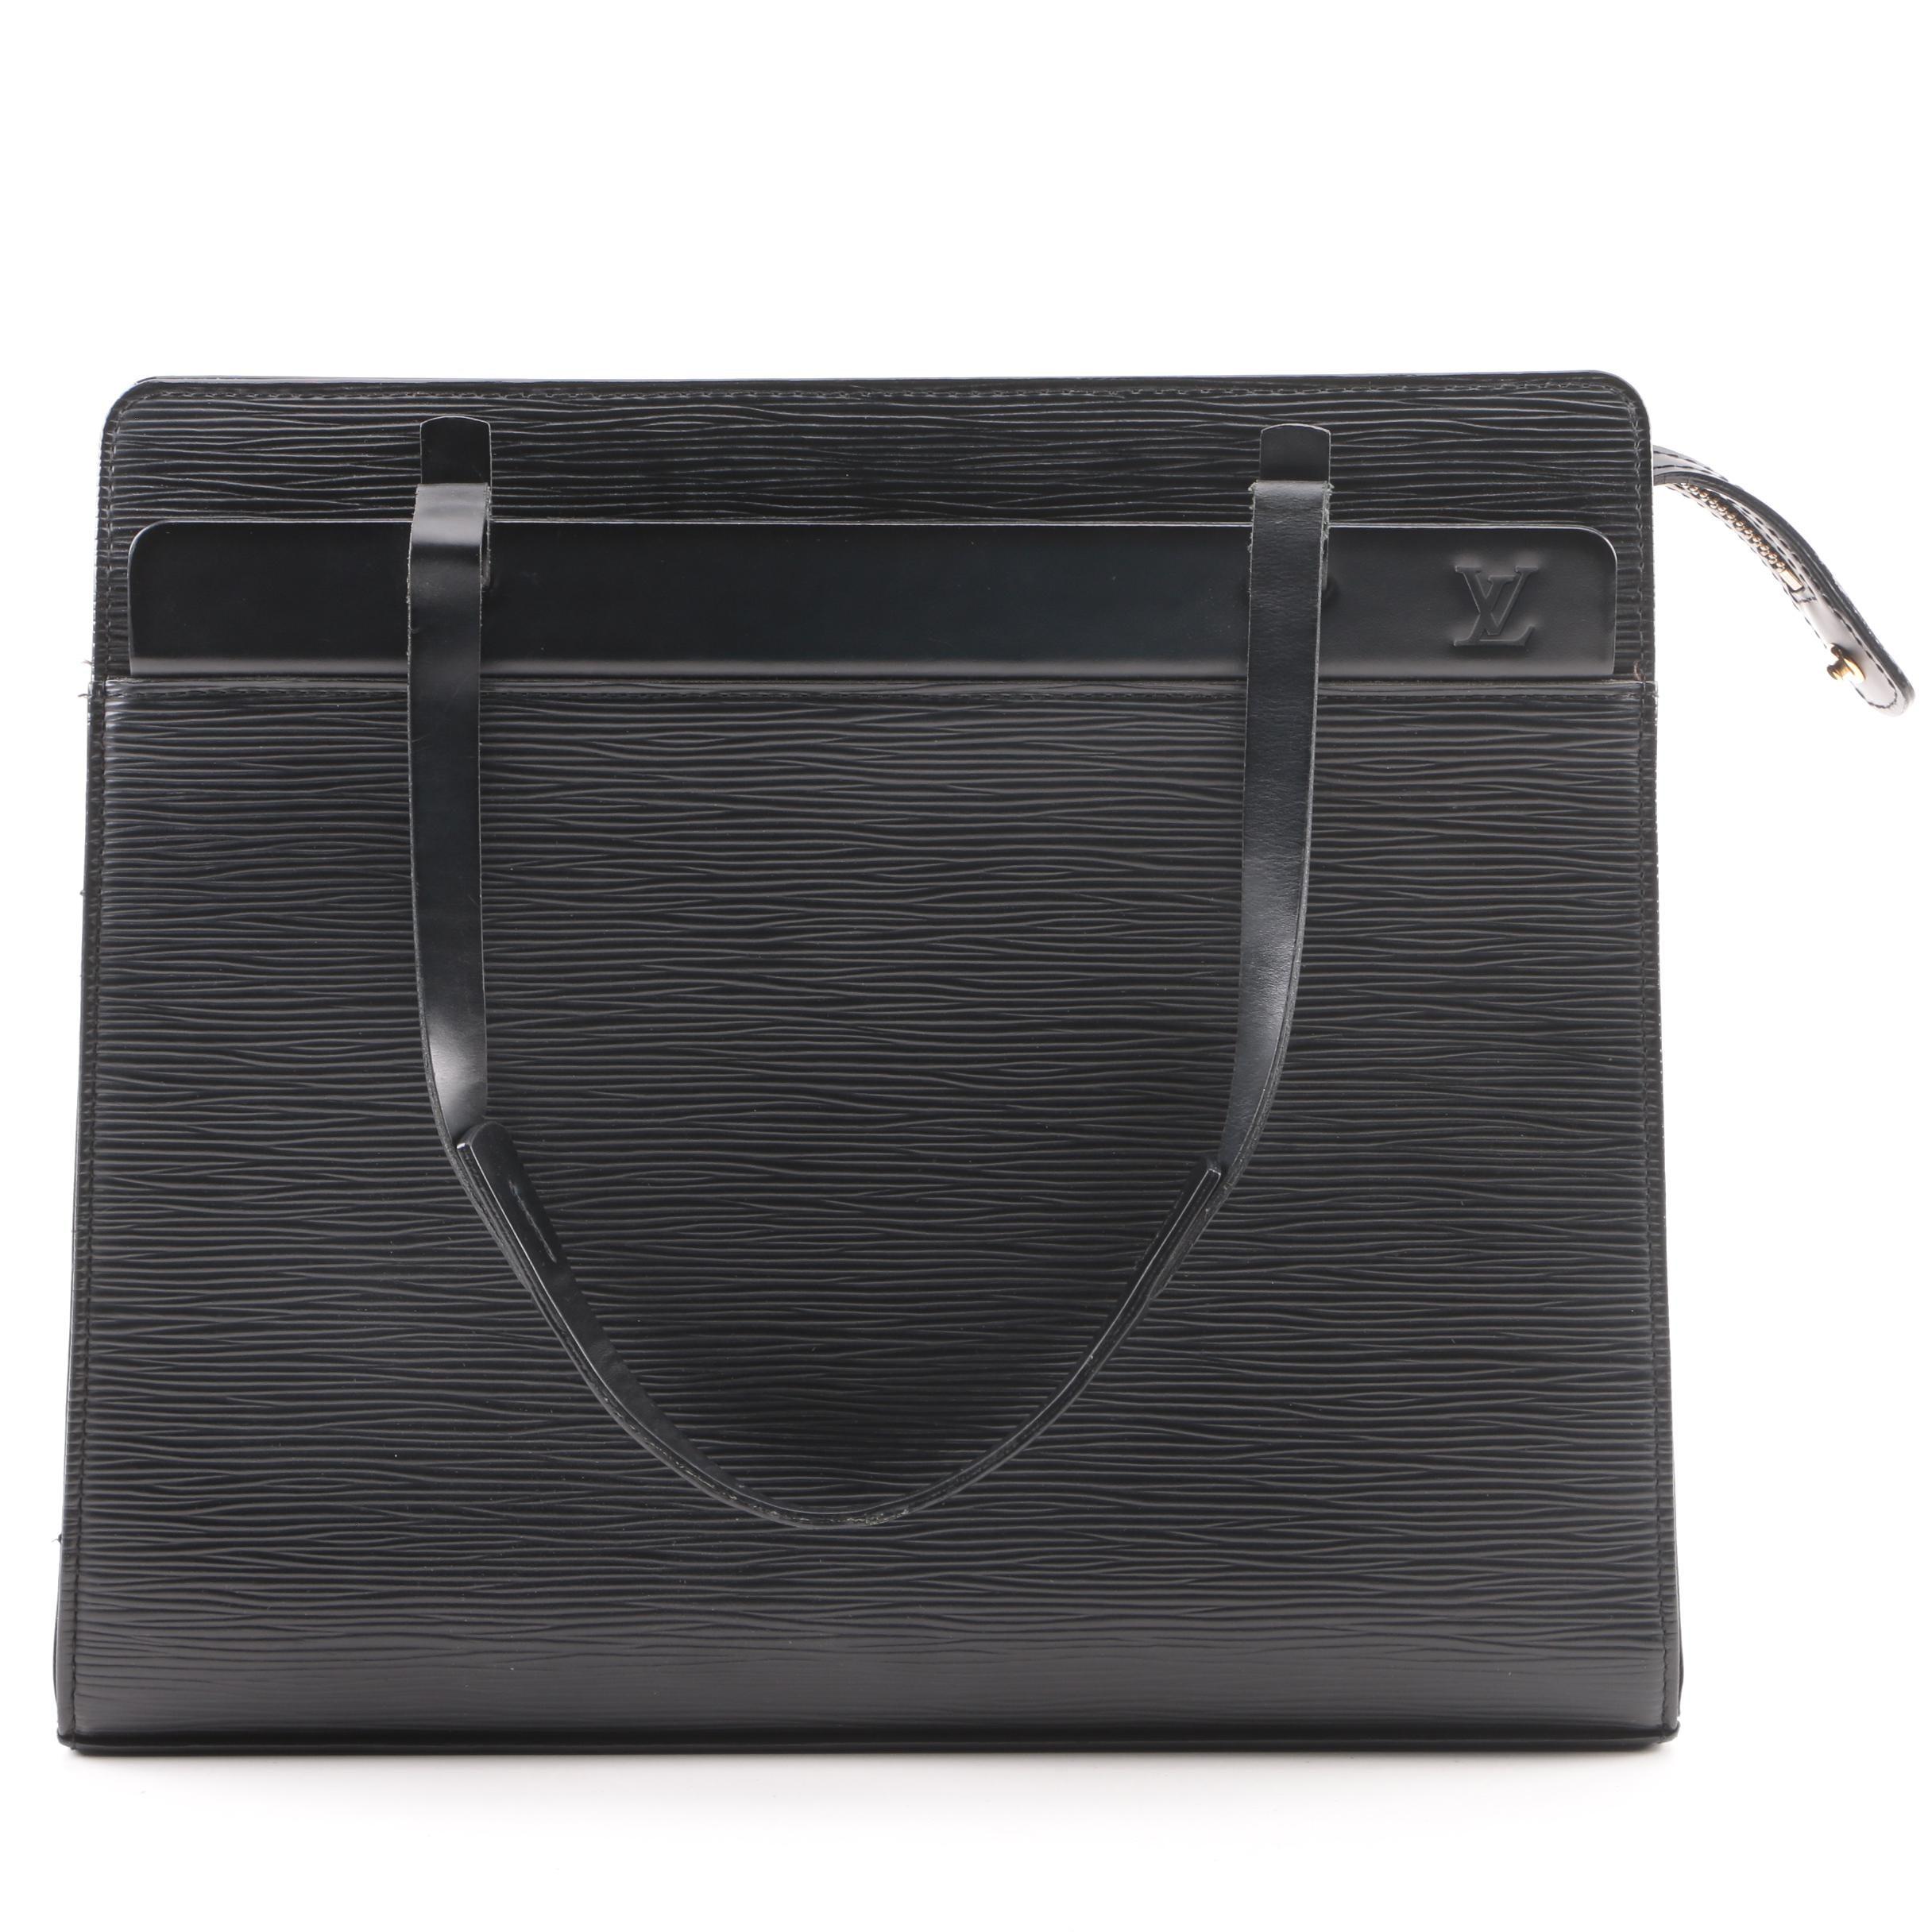 2004 Louis Vuitton Paris Black Epi Leather Croisette Handbag